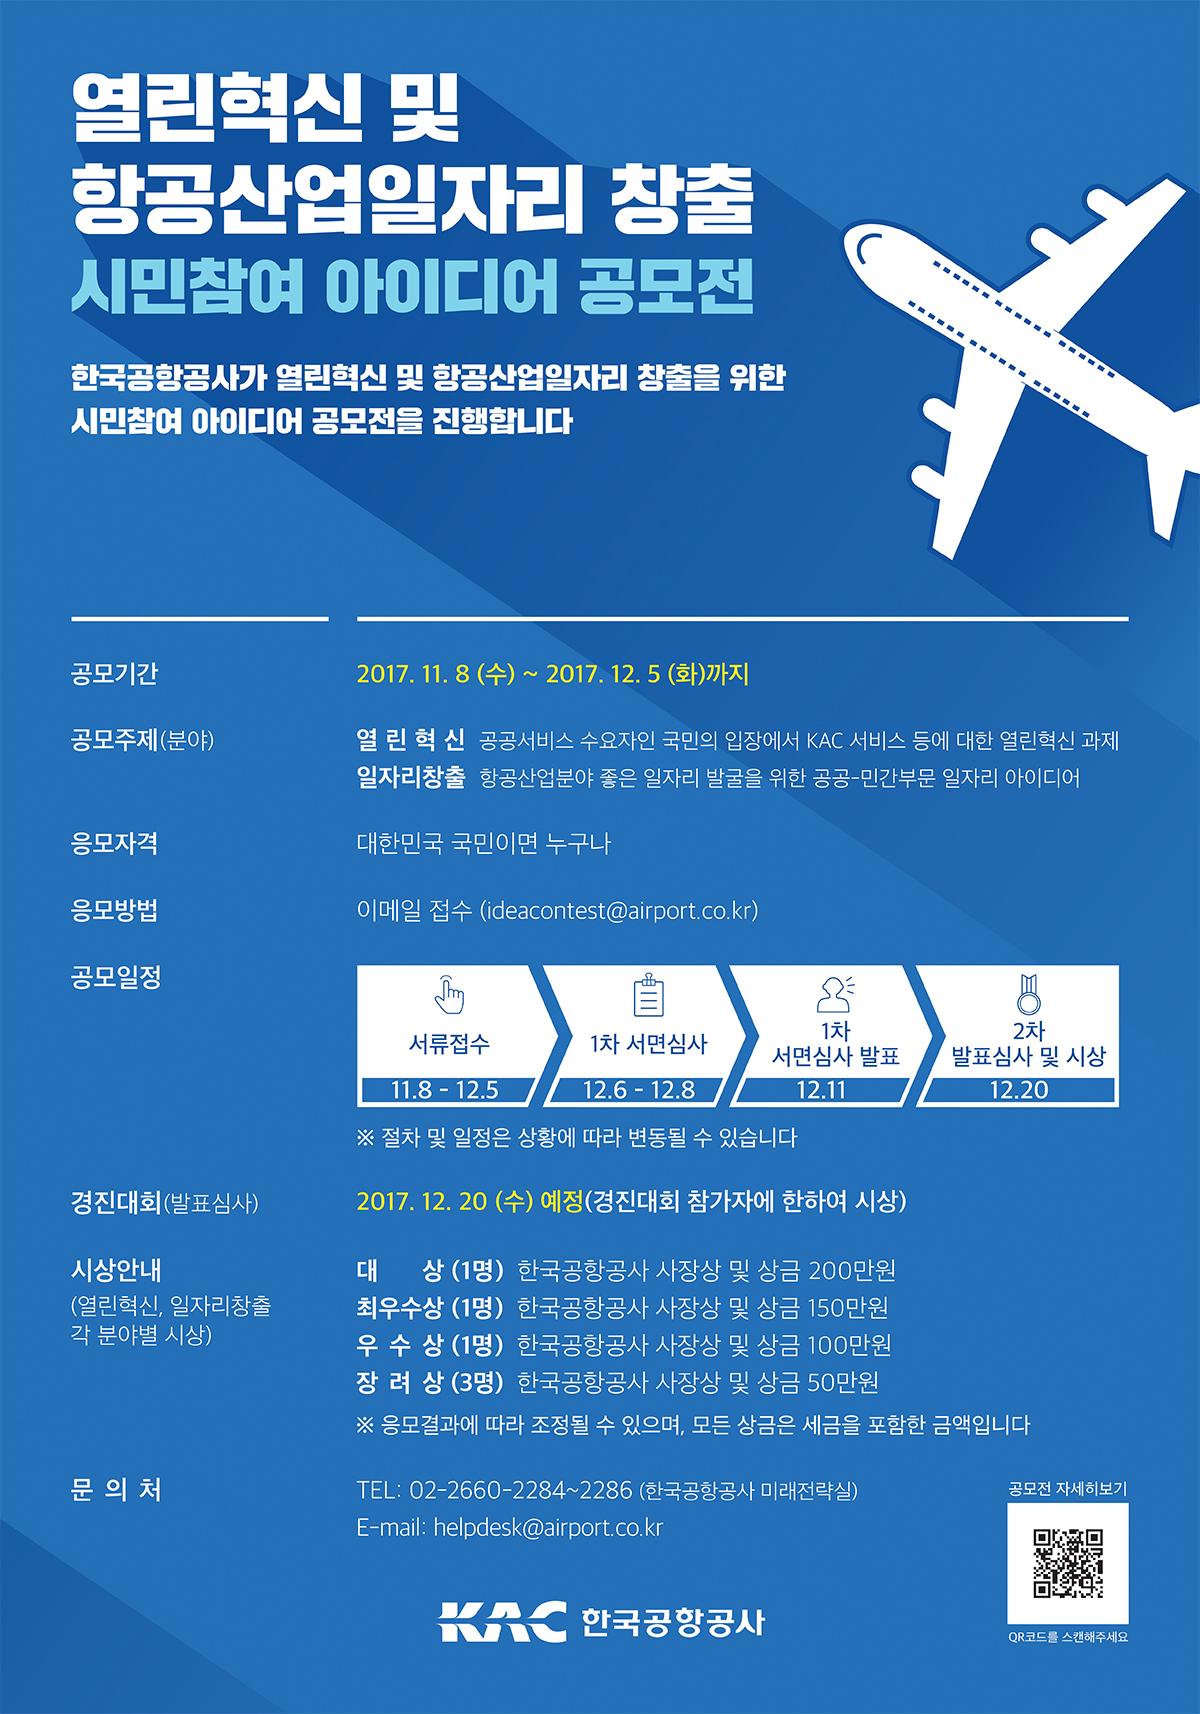 [변경공고] 열린혁신 및 항공산업일자리 창출 시민참여 아이디어 공모전 기간연장